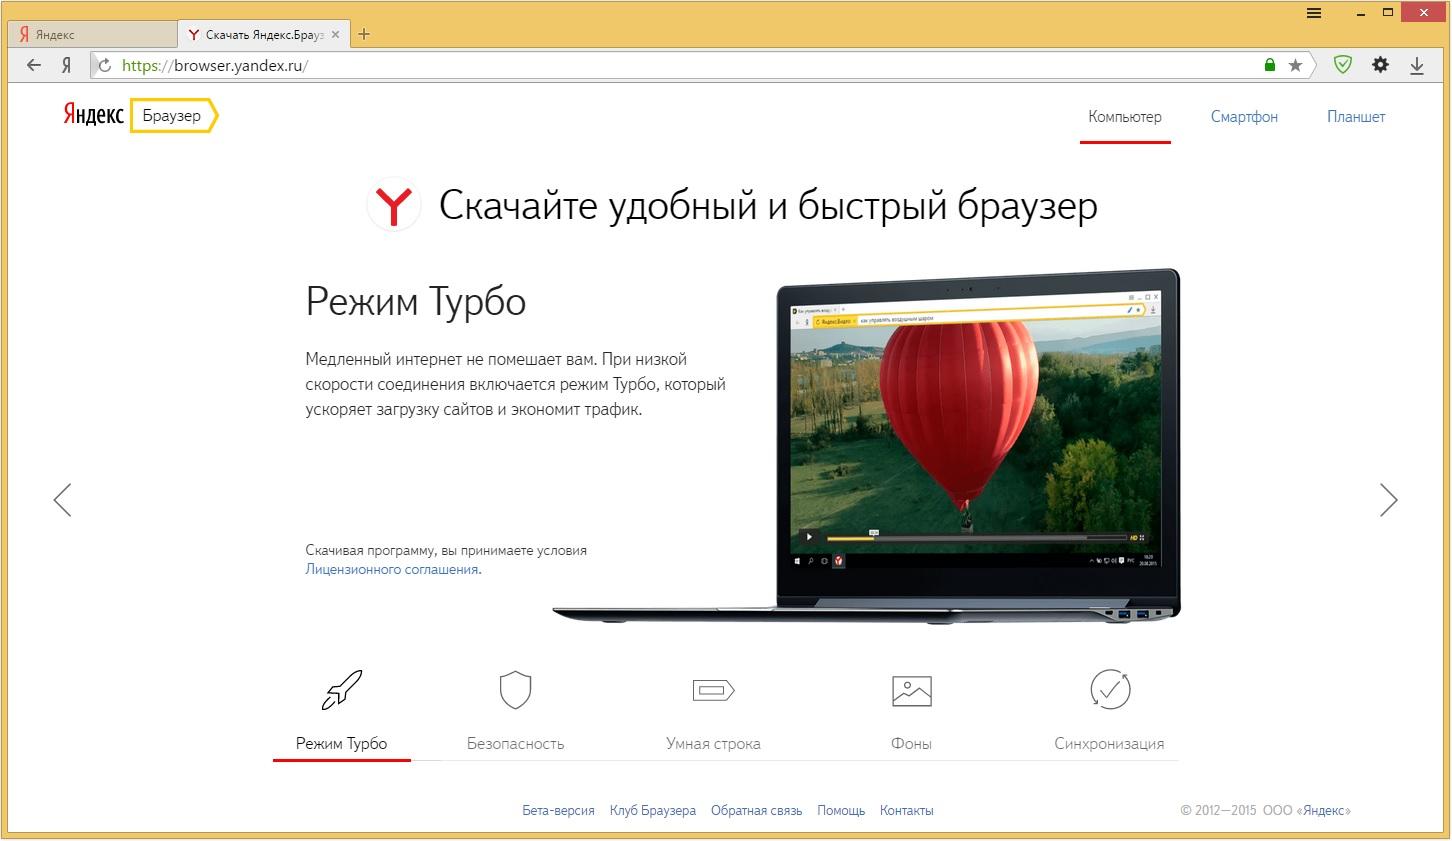 Скачать браузер тор для виндовс xp гирда как найти сайты в tor browser гирда